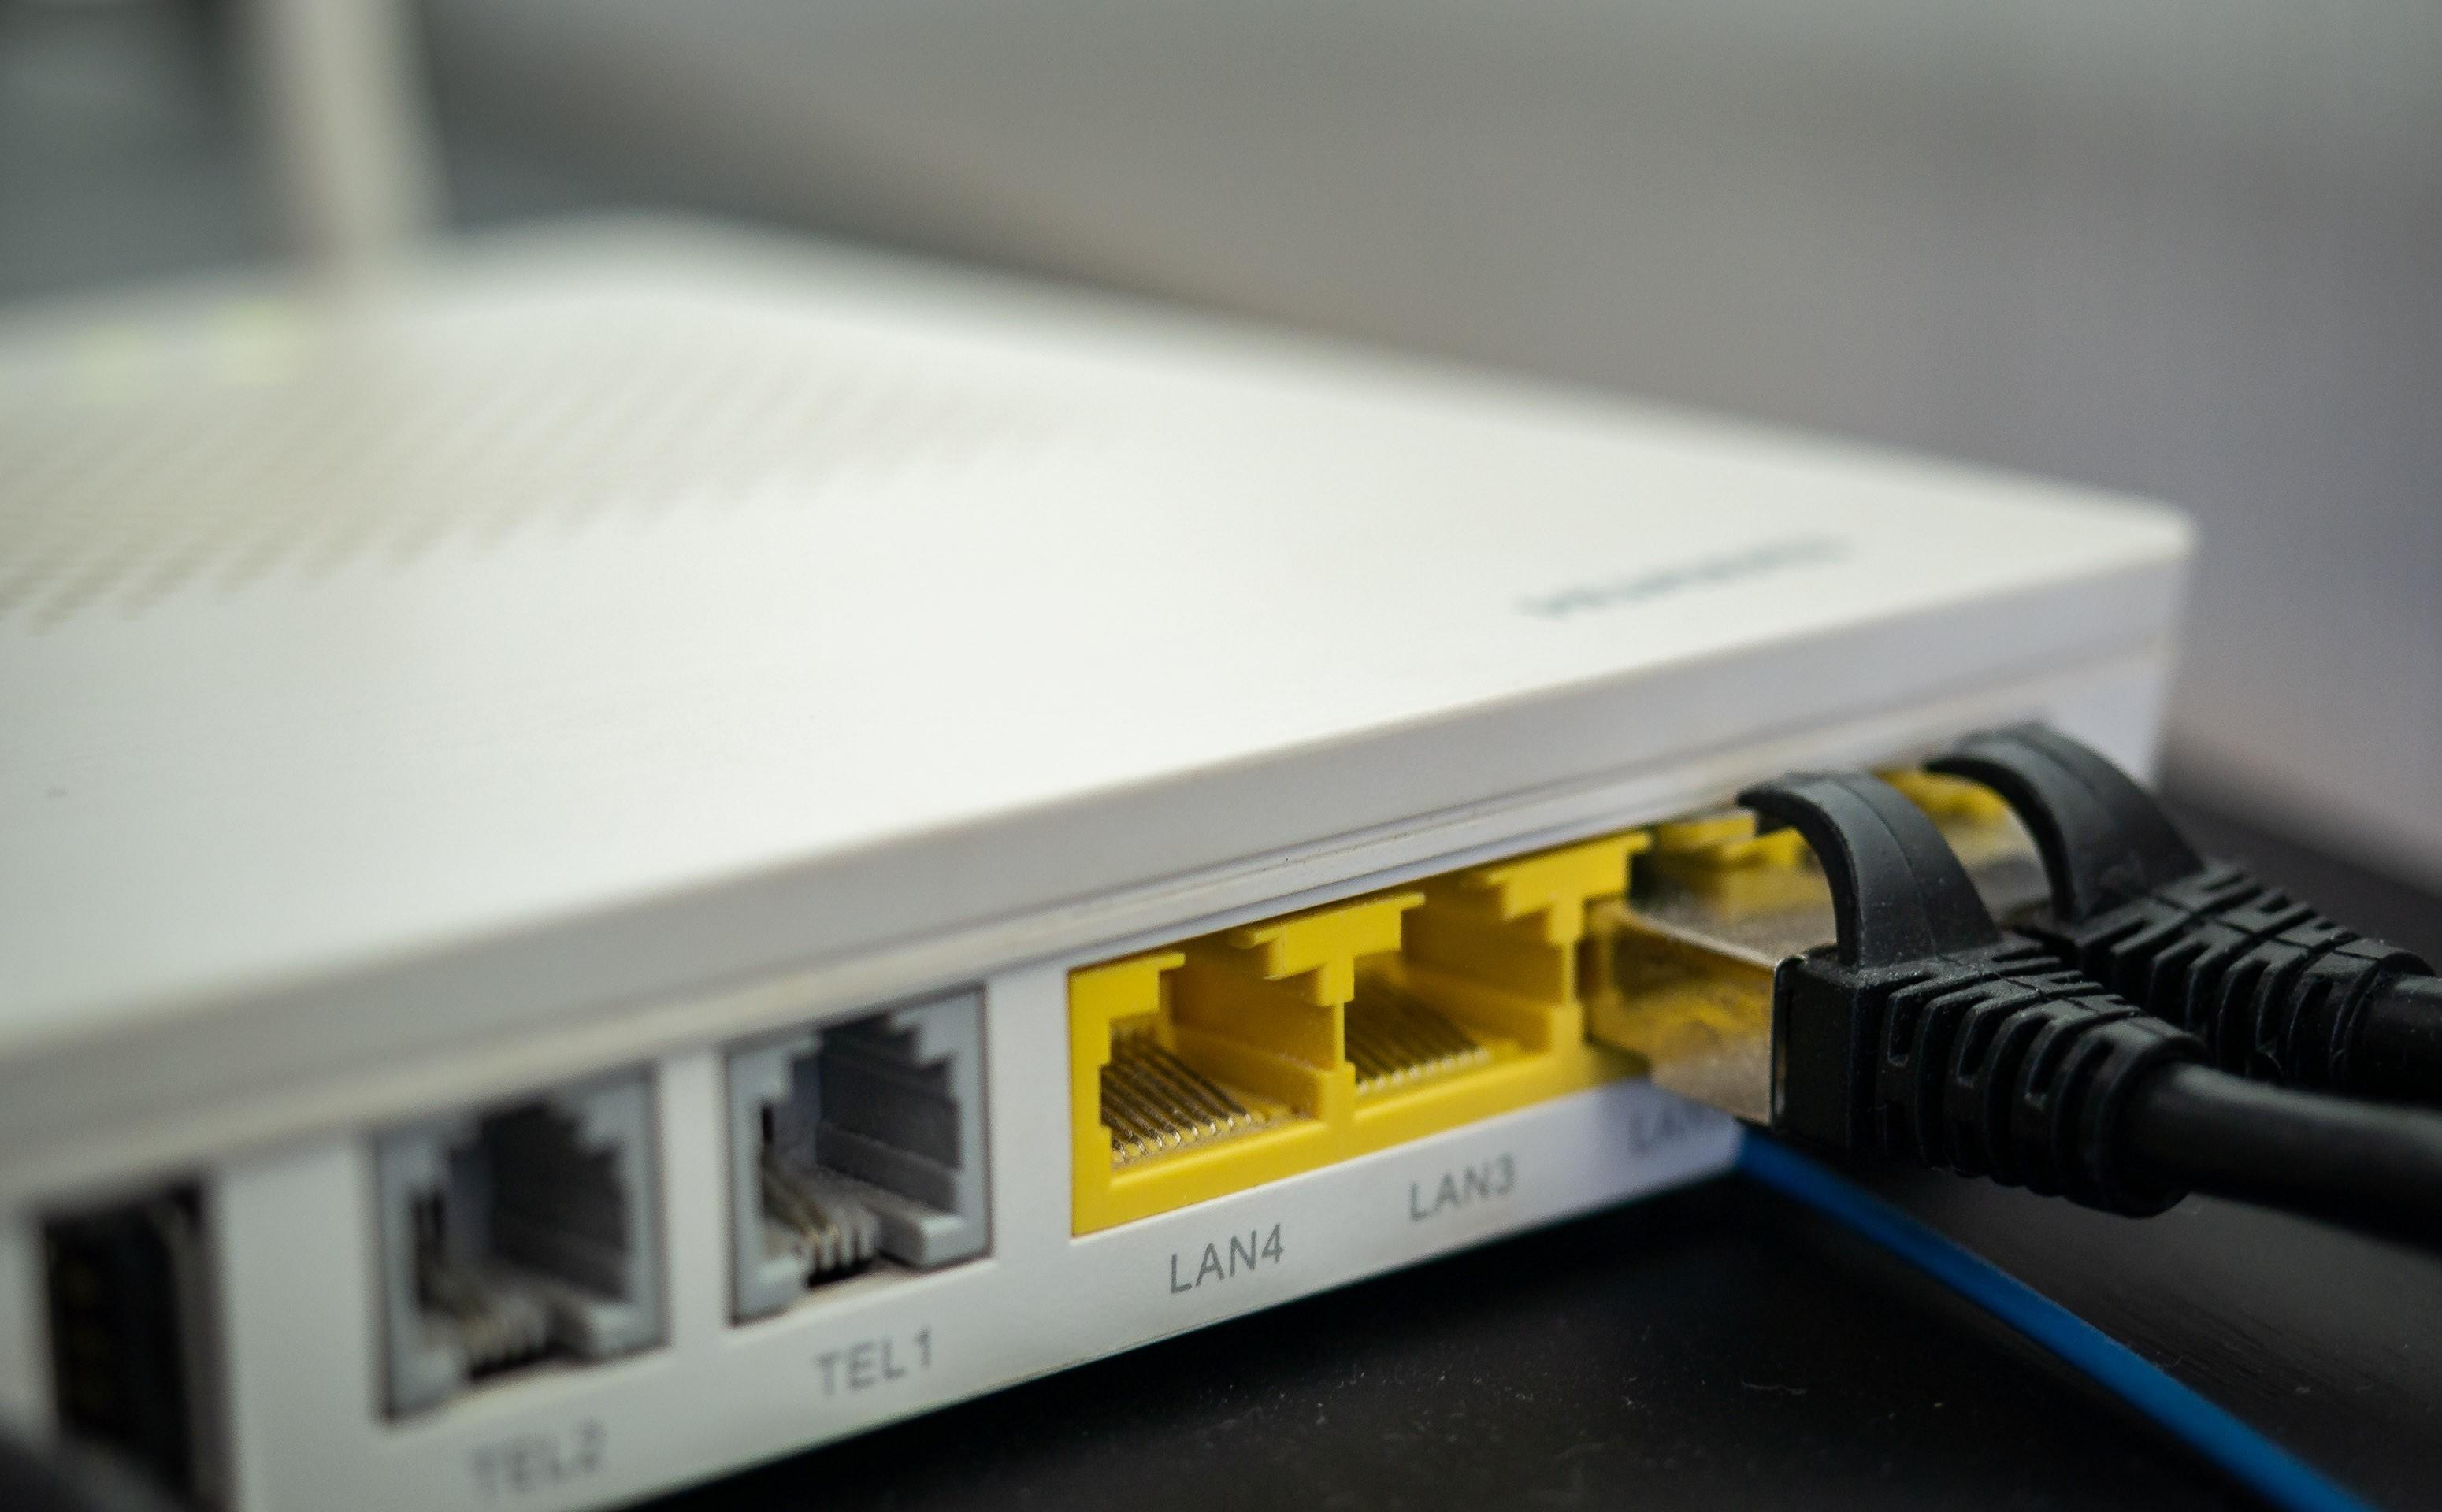 Localização de endereço de IP: entenda como pode ser feito o rastreamento e o que é mito